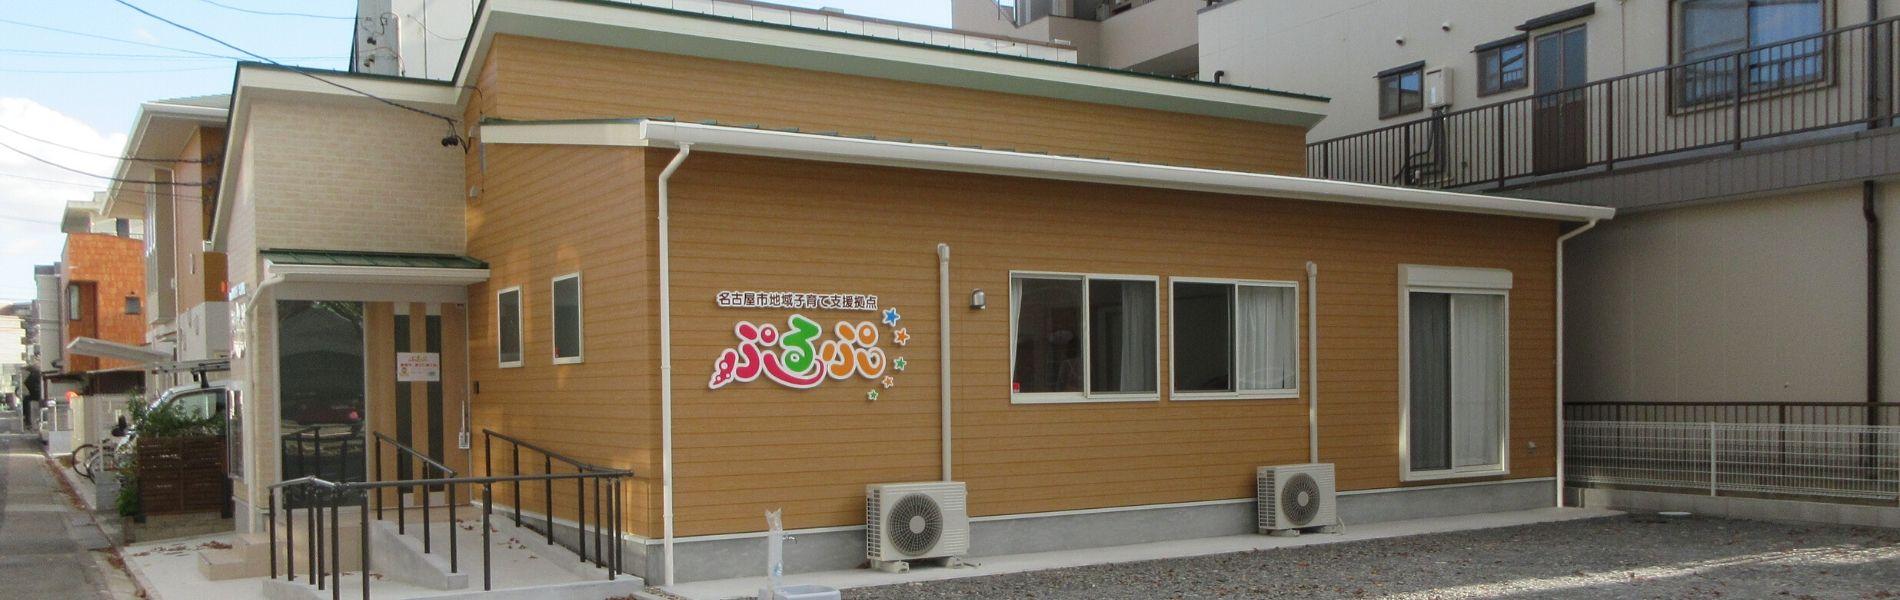 名古屋市地域子育て支援拠点 ぷるぷ 完成予想図